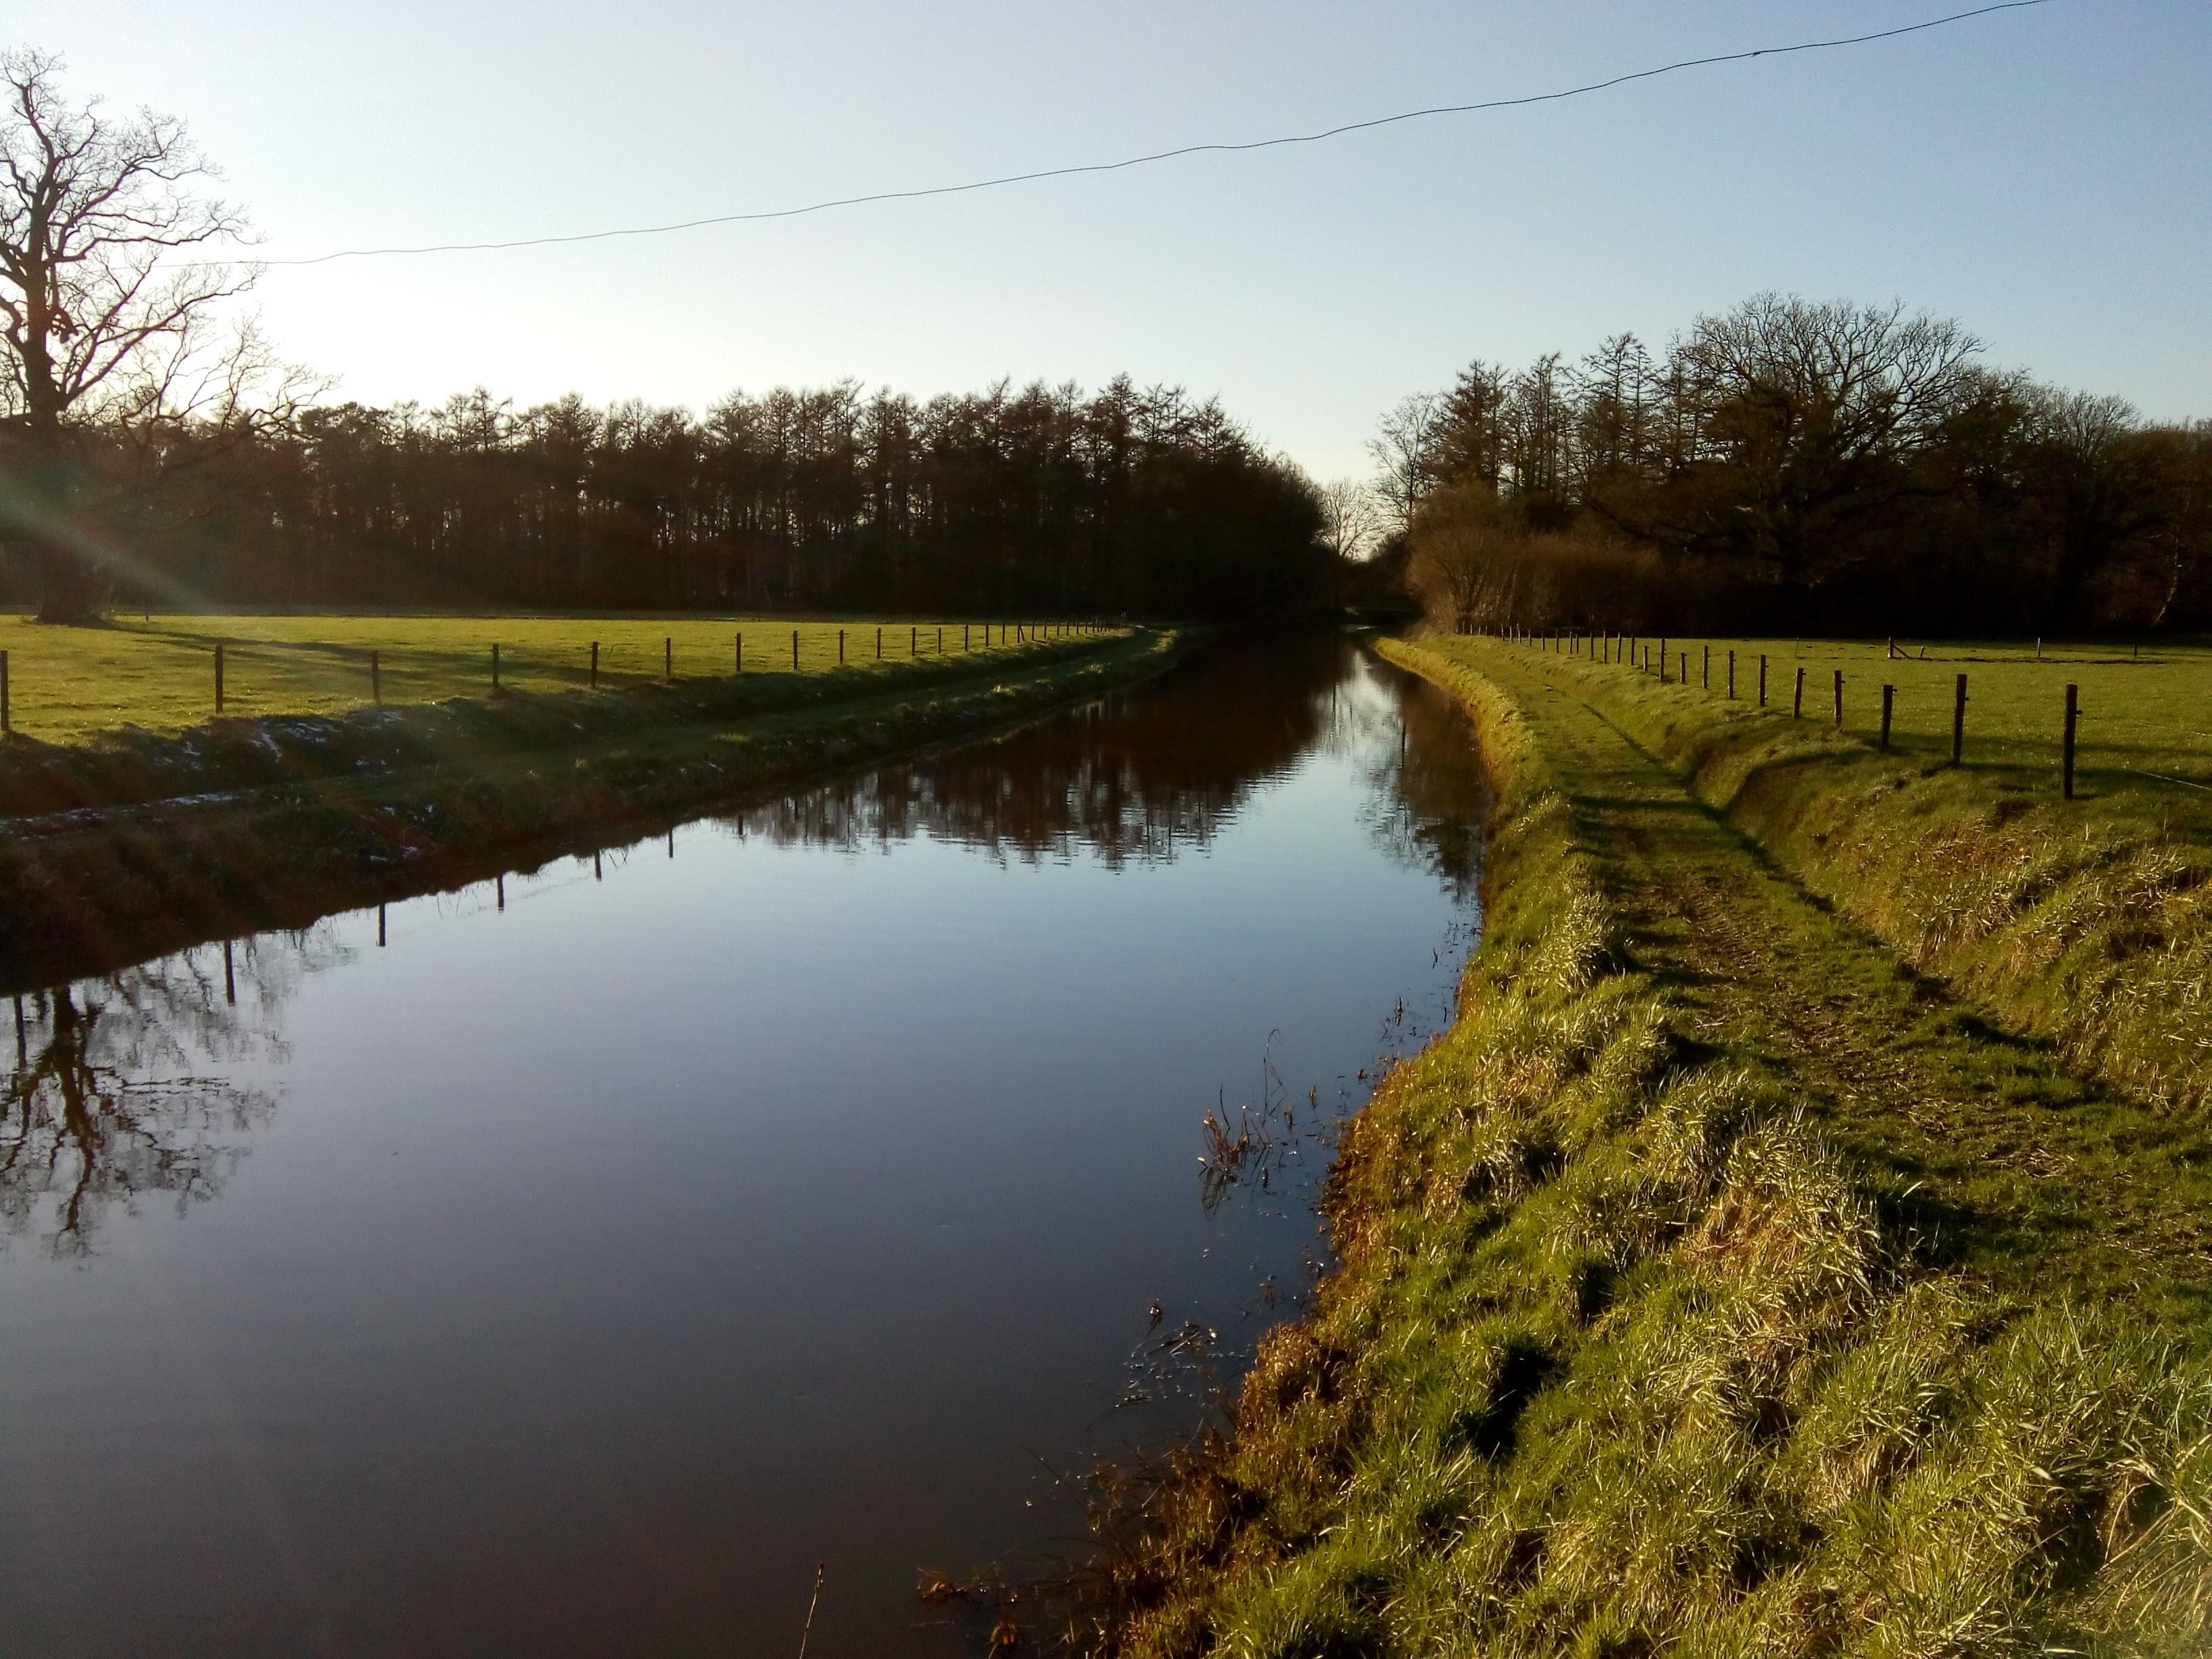 De Van Heeckerenbeek is het verbindingsstuk van de Baakse Beek en de Veengoot